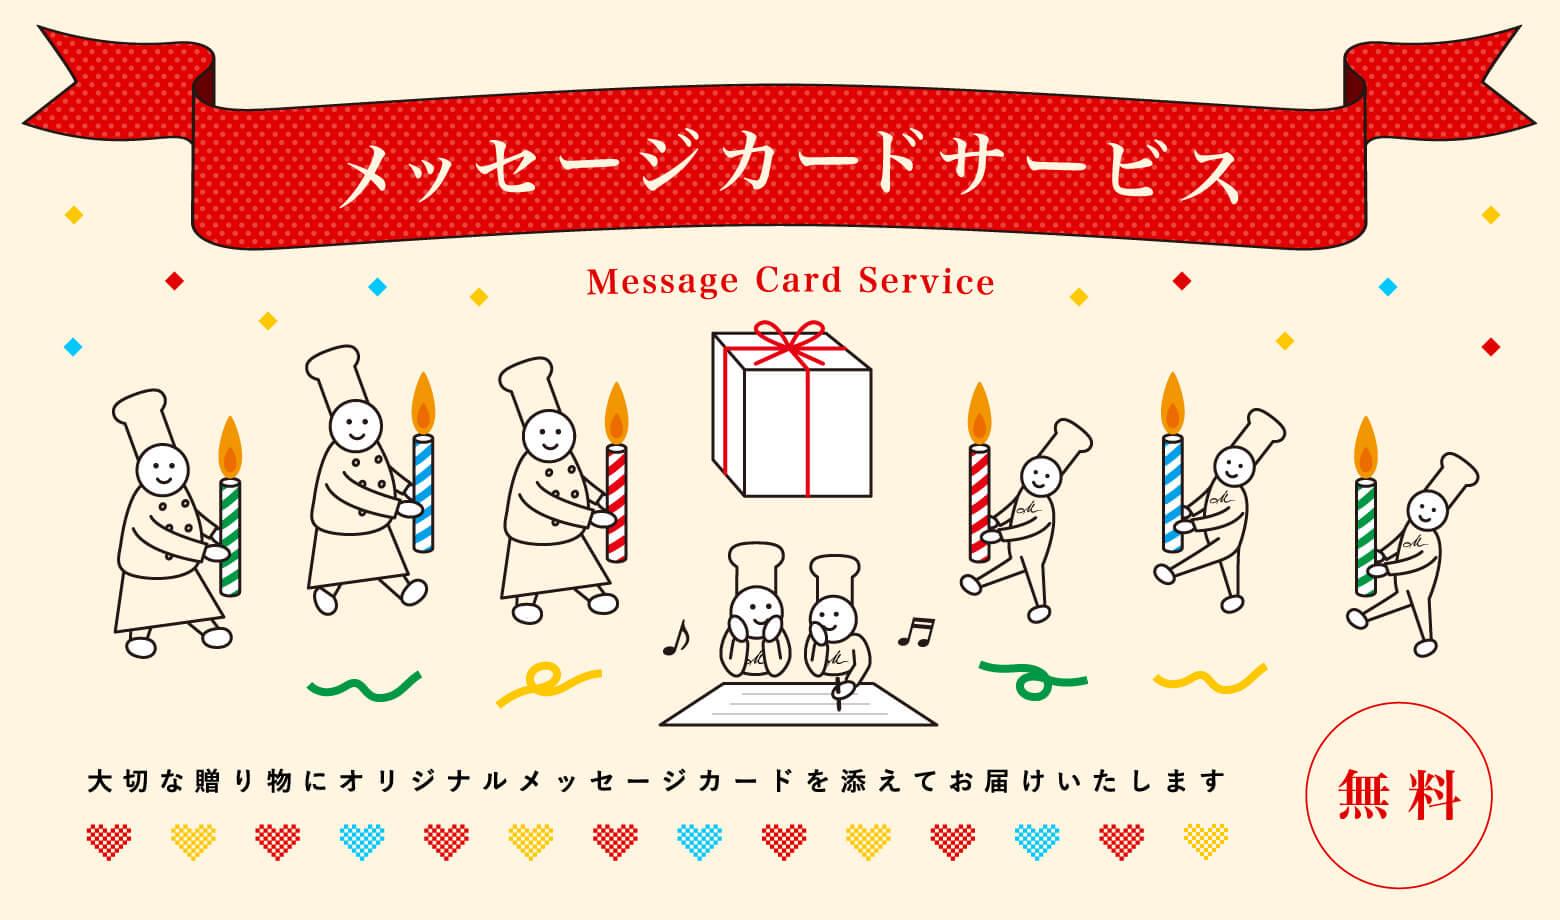 メッセージカードサービス(無料)